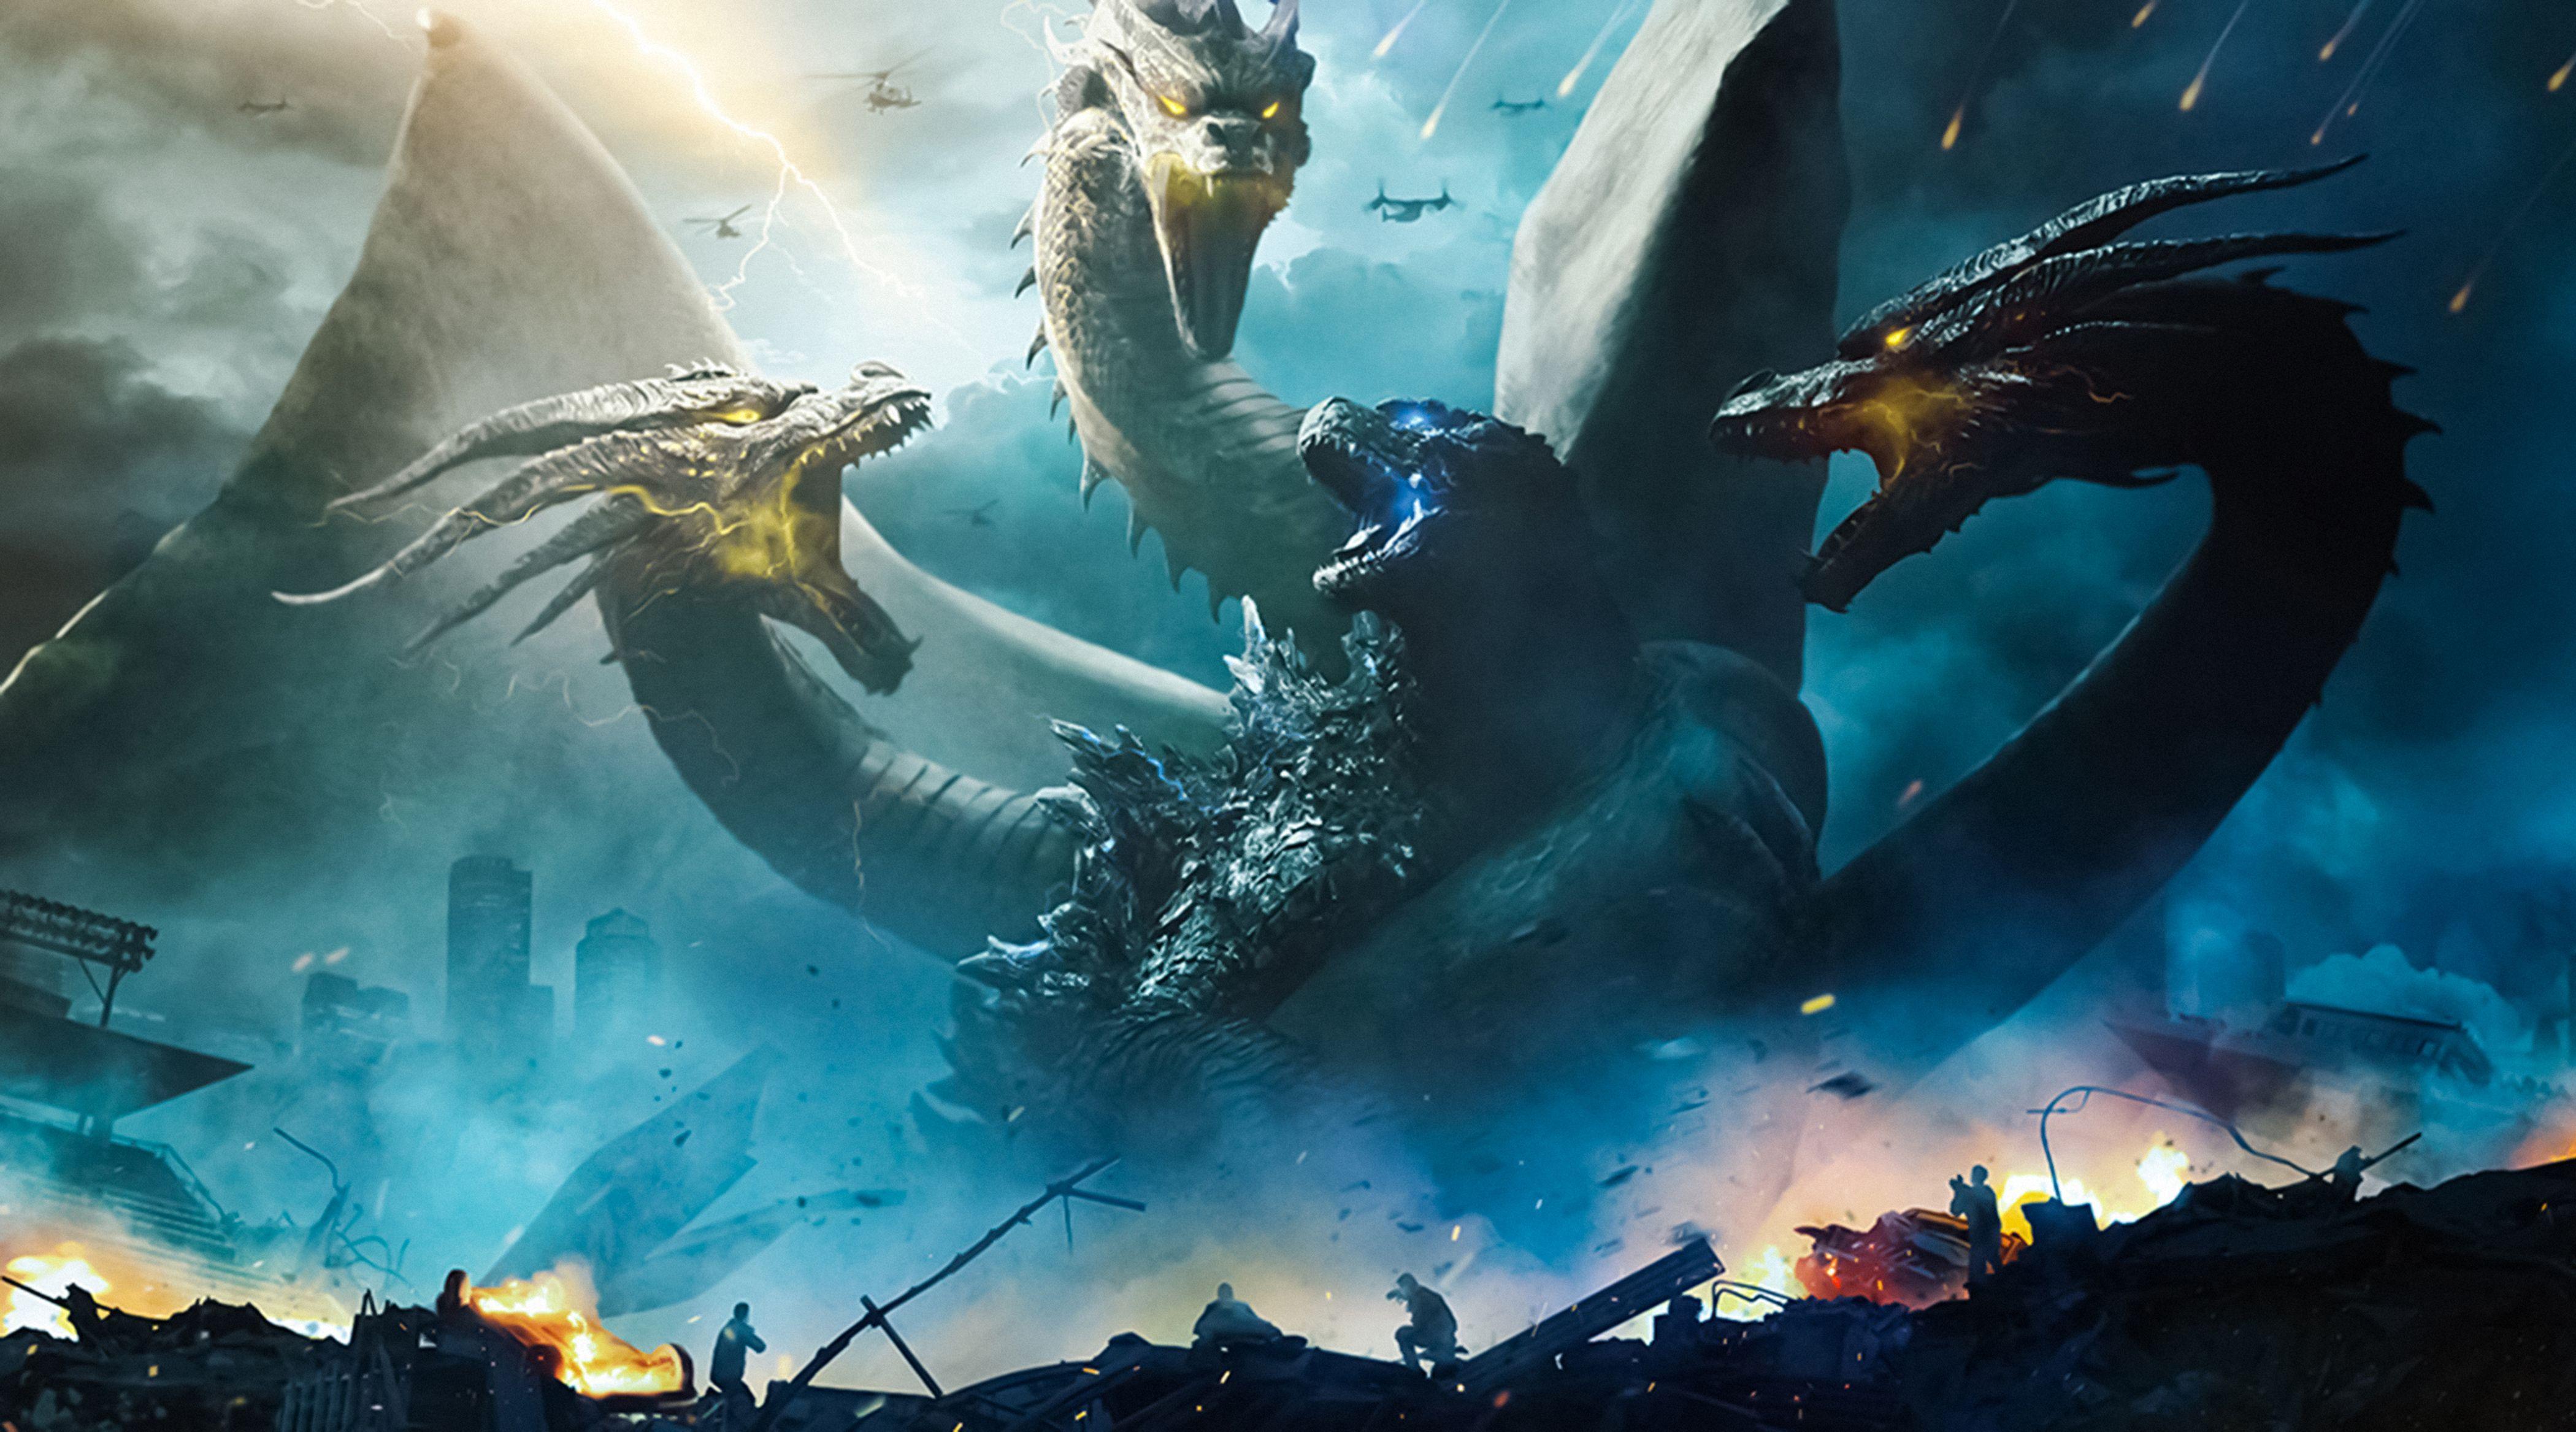 14 Godzilla PC Wallpapers   Top Free Godzilla PC Backgrounds ...